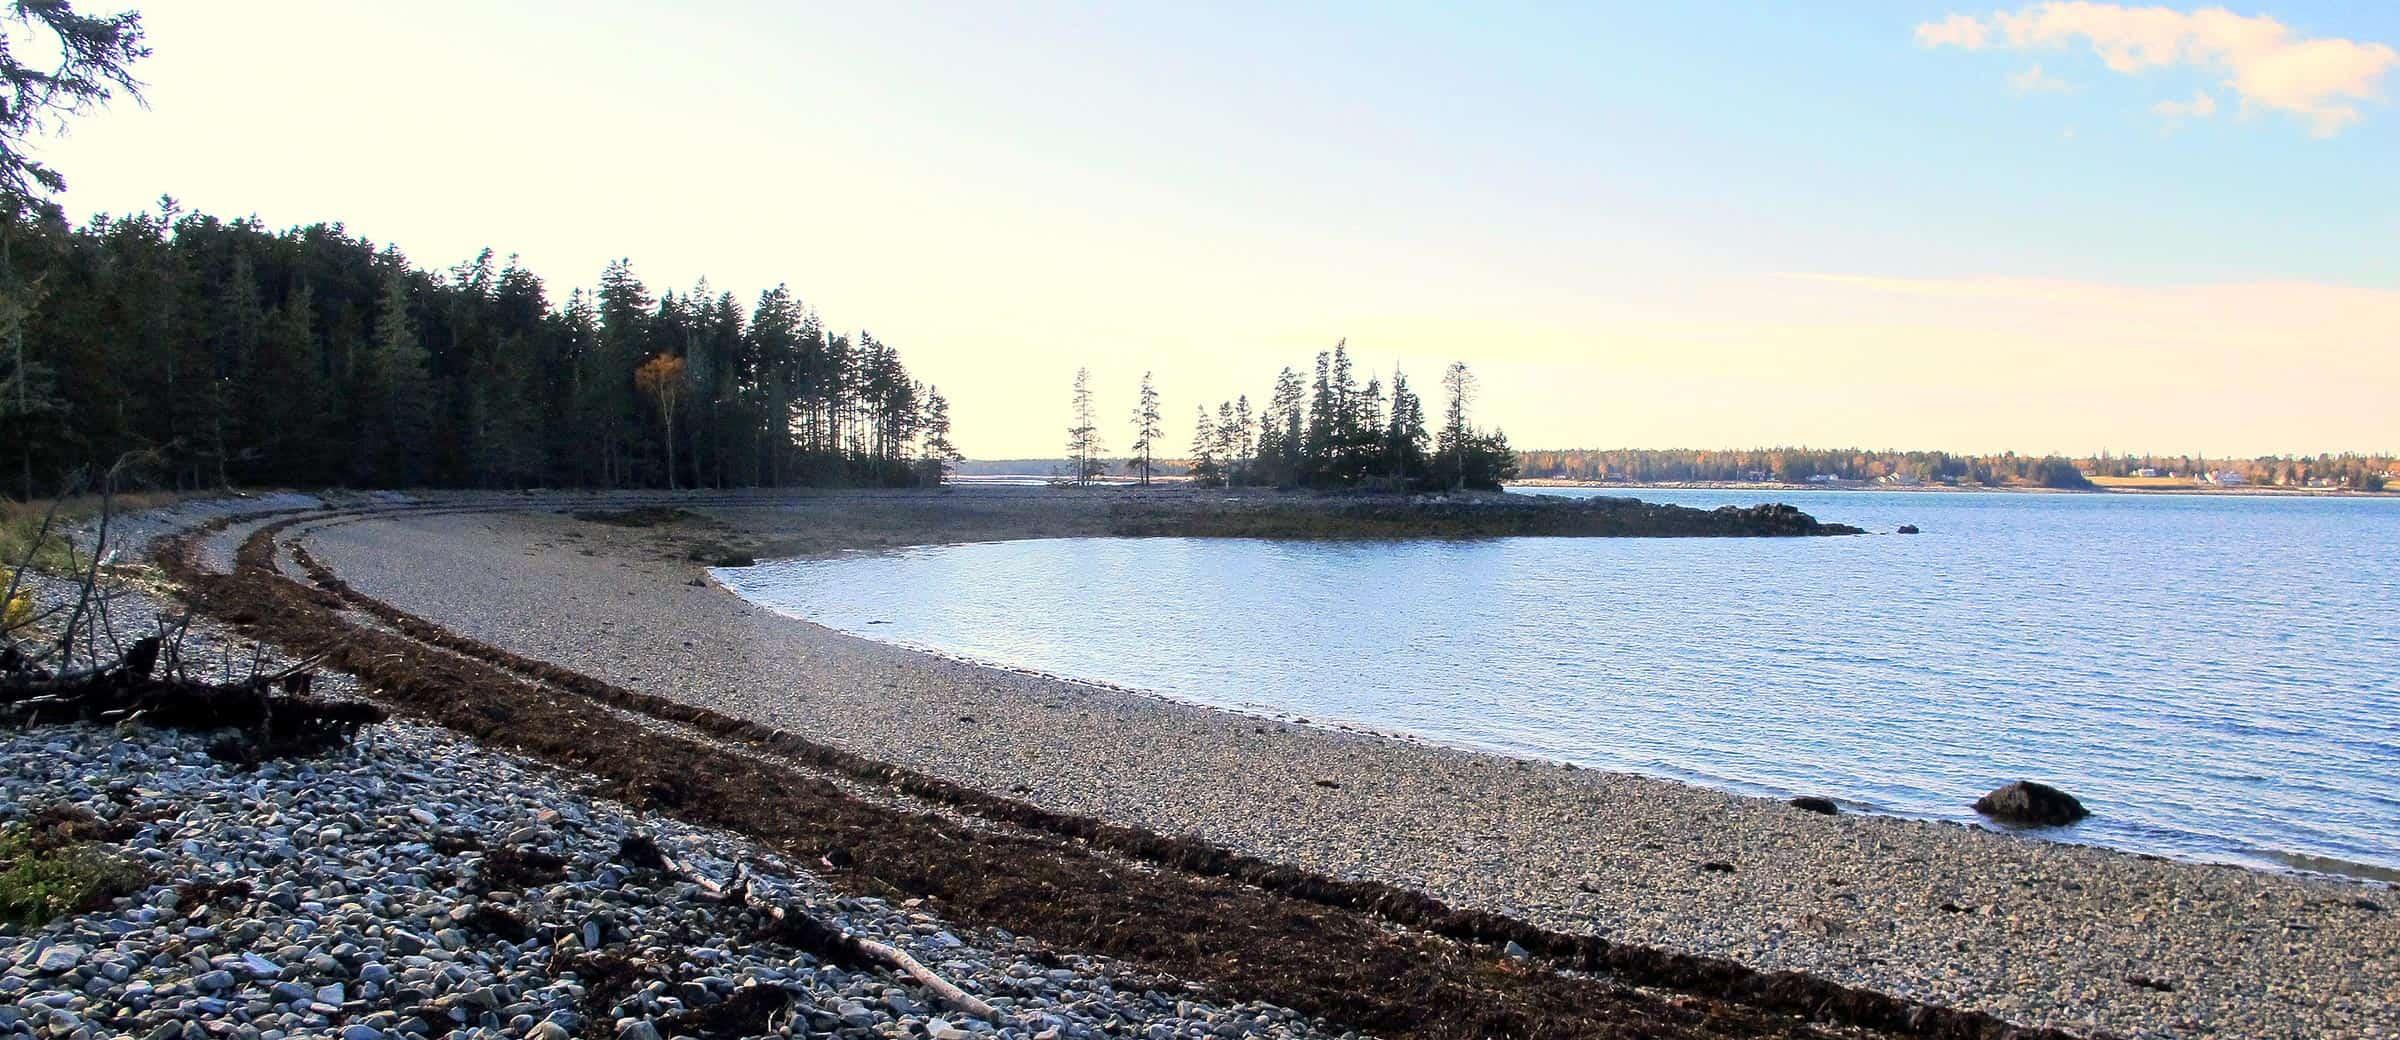 Preble Cove Great Cranberry Island